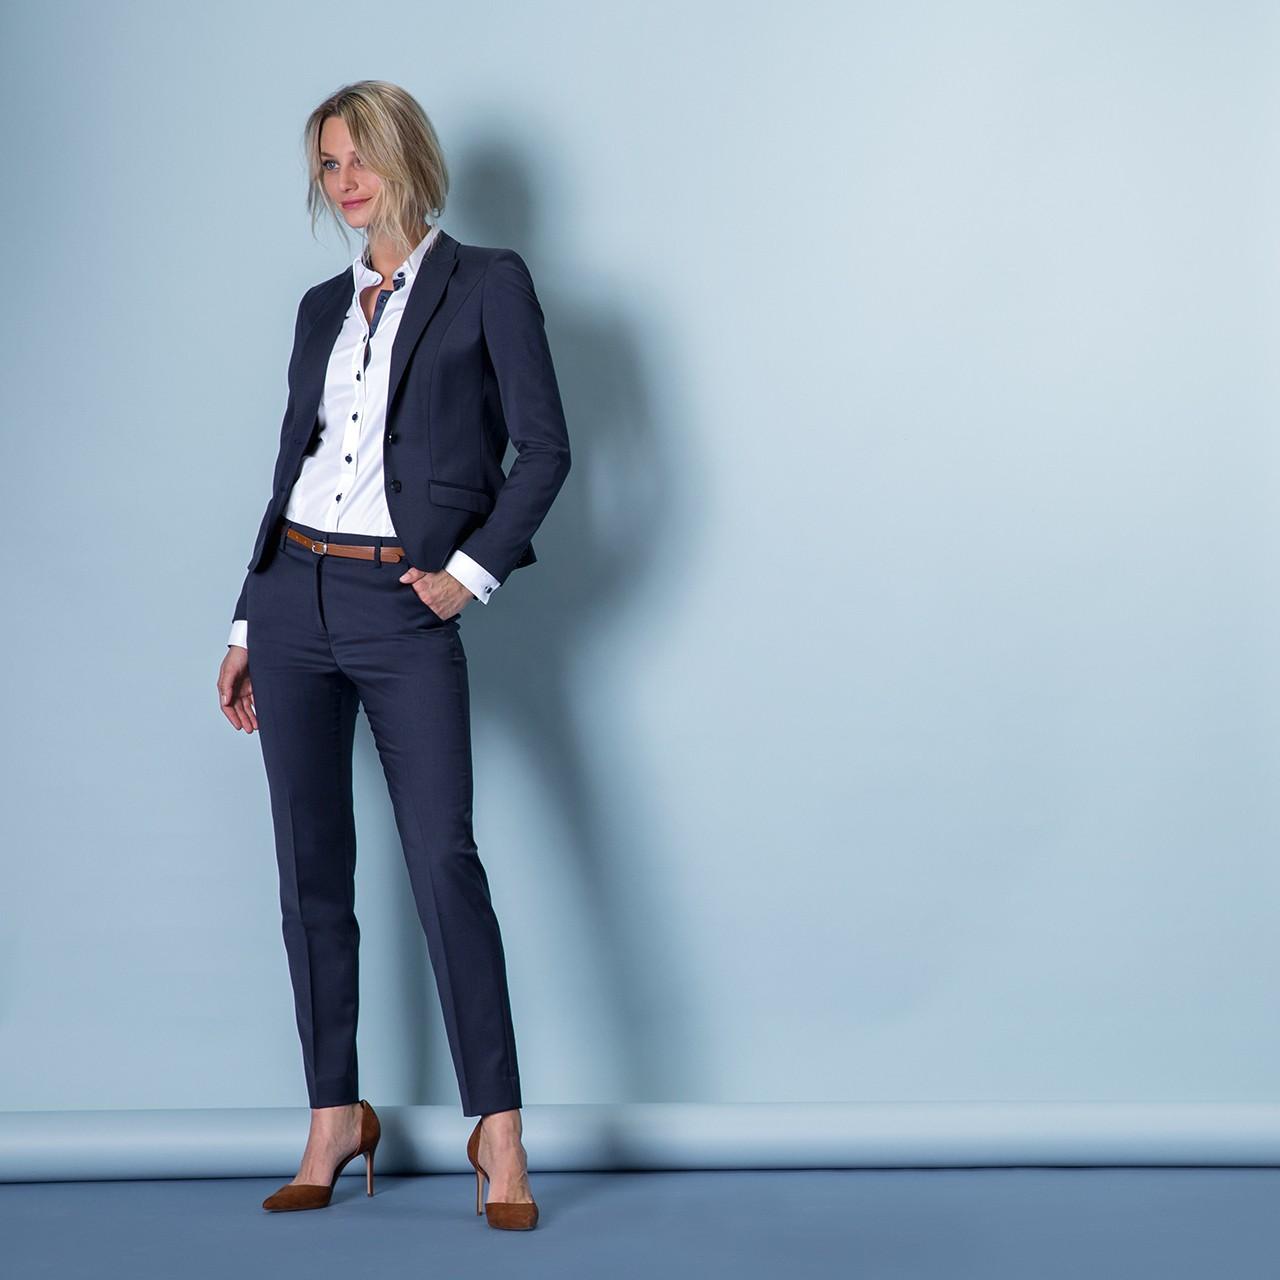 Damen Hose Hohe Leibhöhe Modern Slim Fit Greiff® | bedrucken, besticken, bedrucken lassen, besticken lassen, mit Logo |